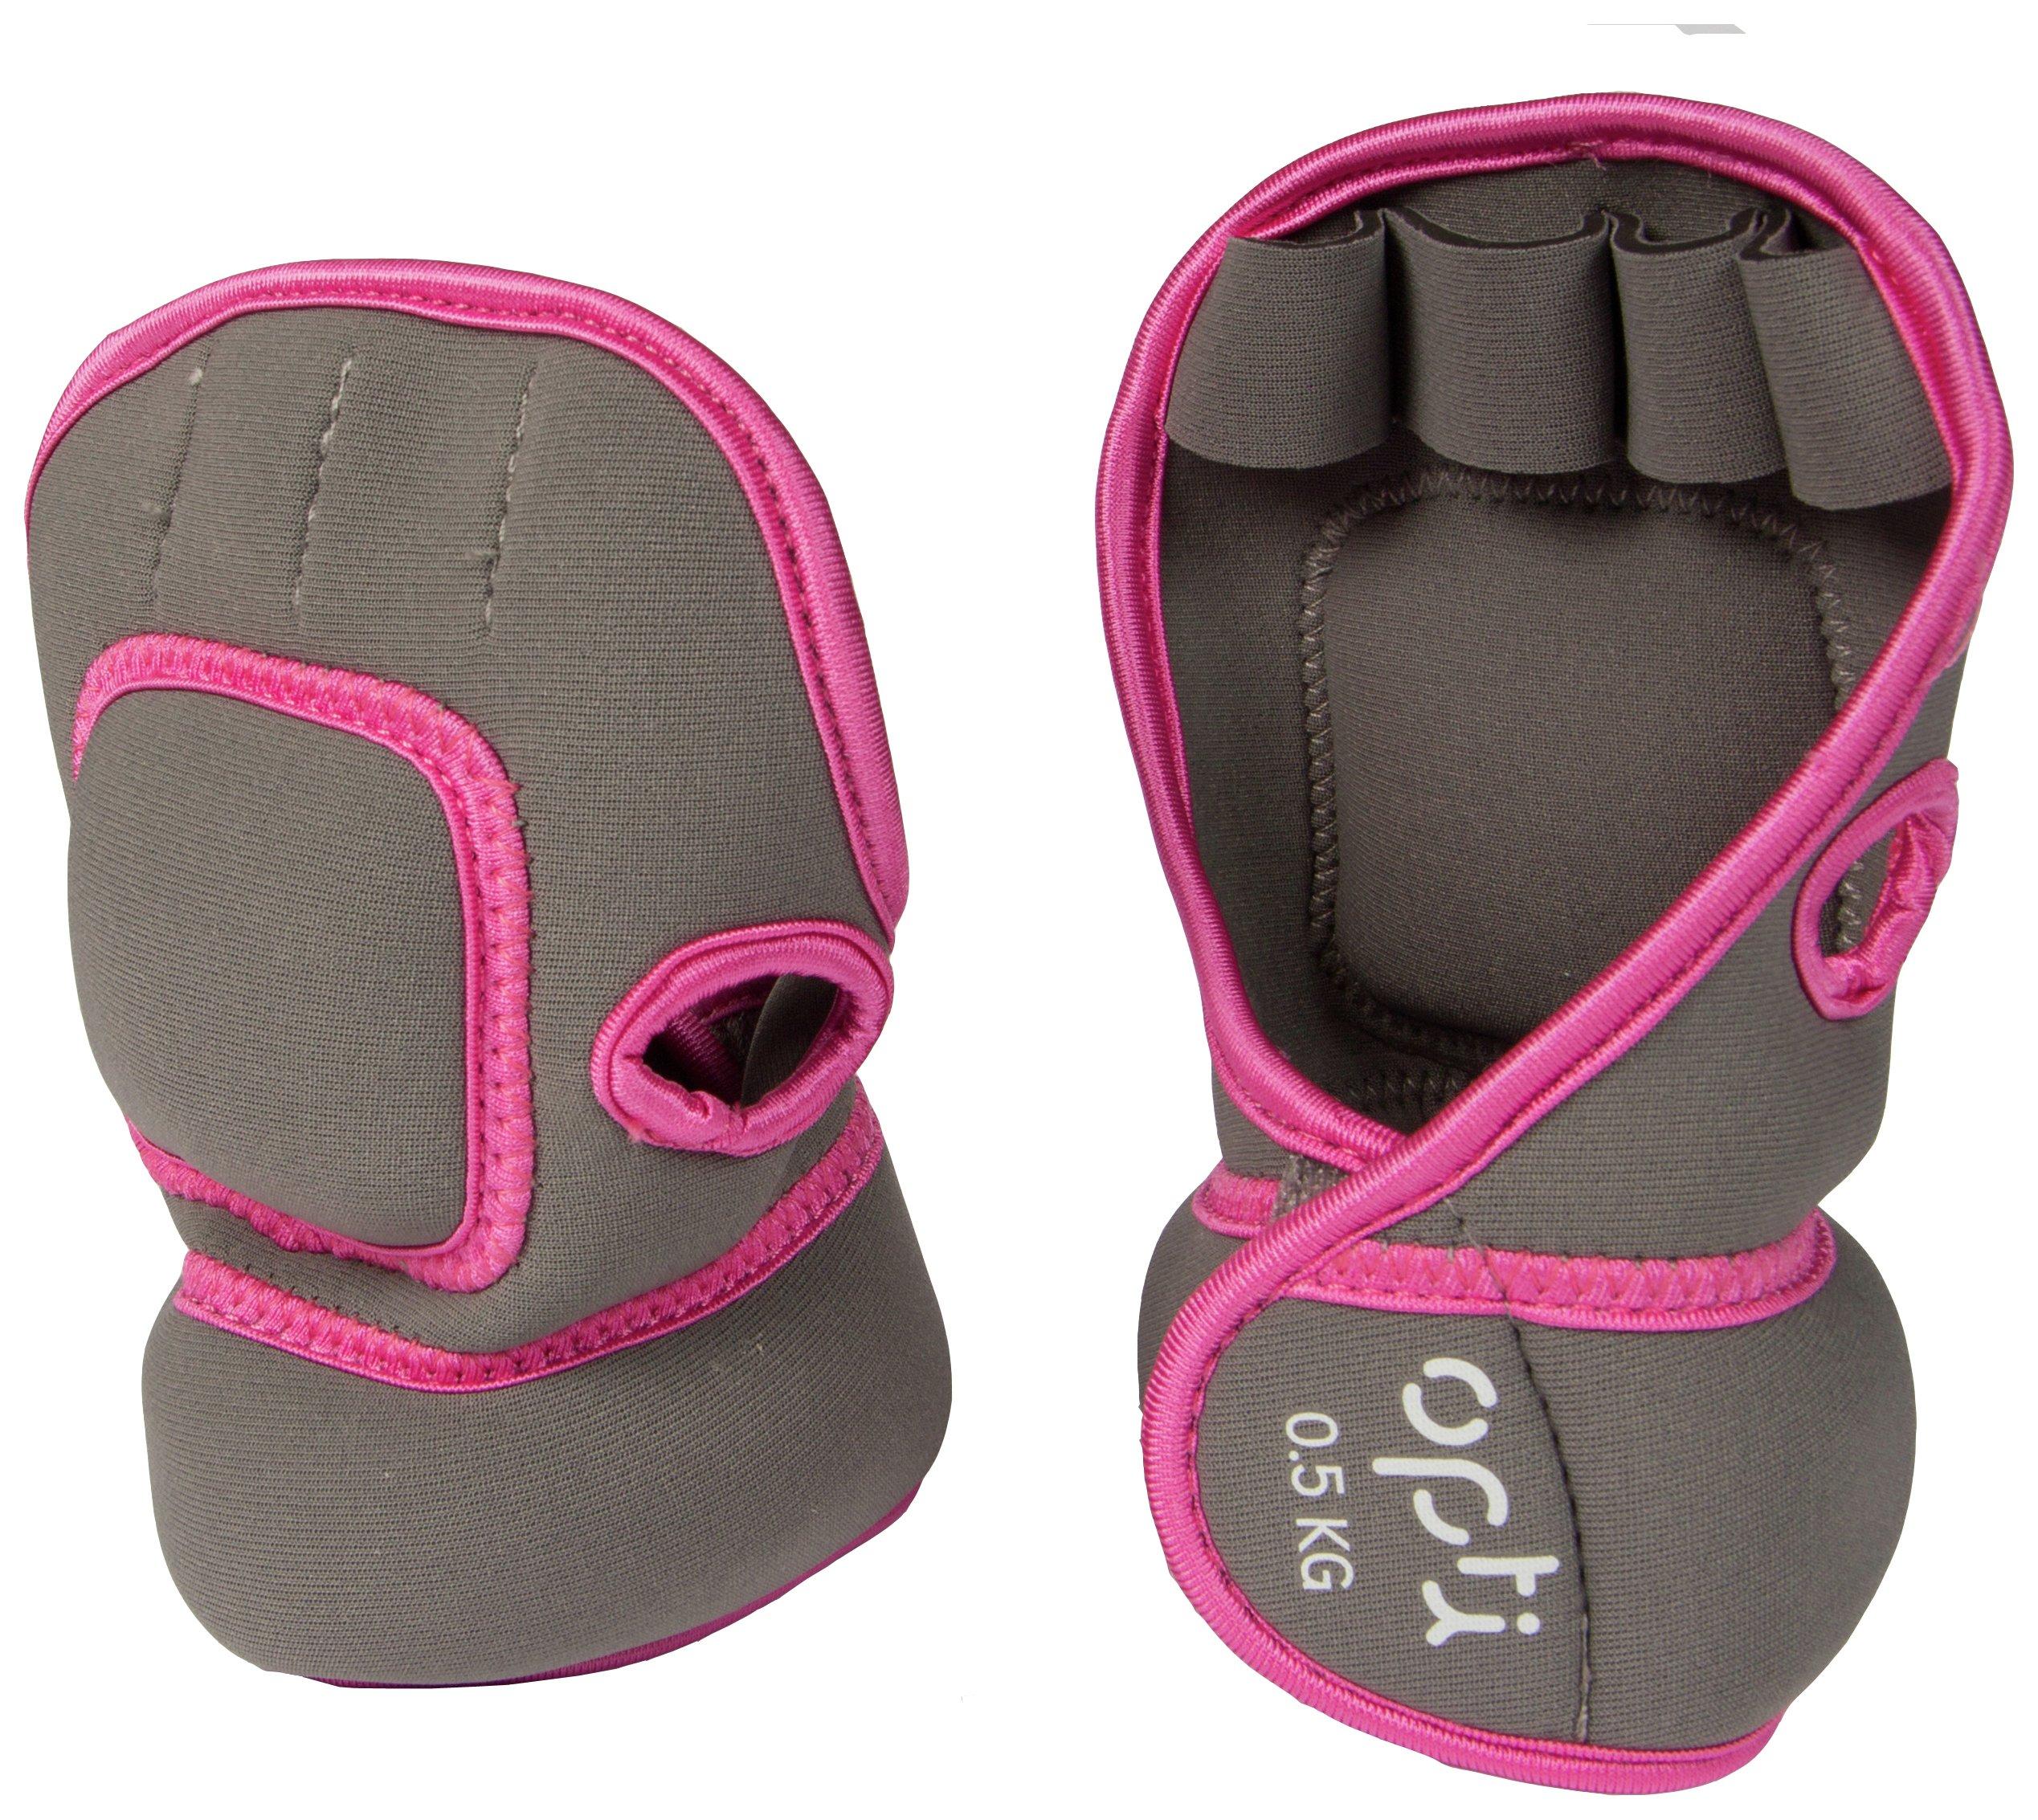 Opti Glove Weights - 2 x 0.5kg